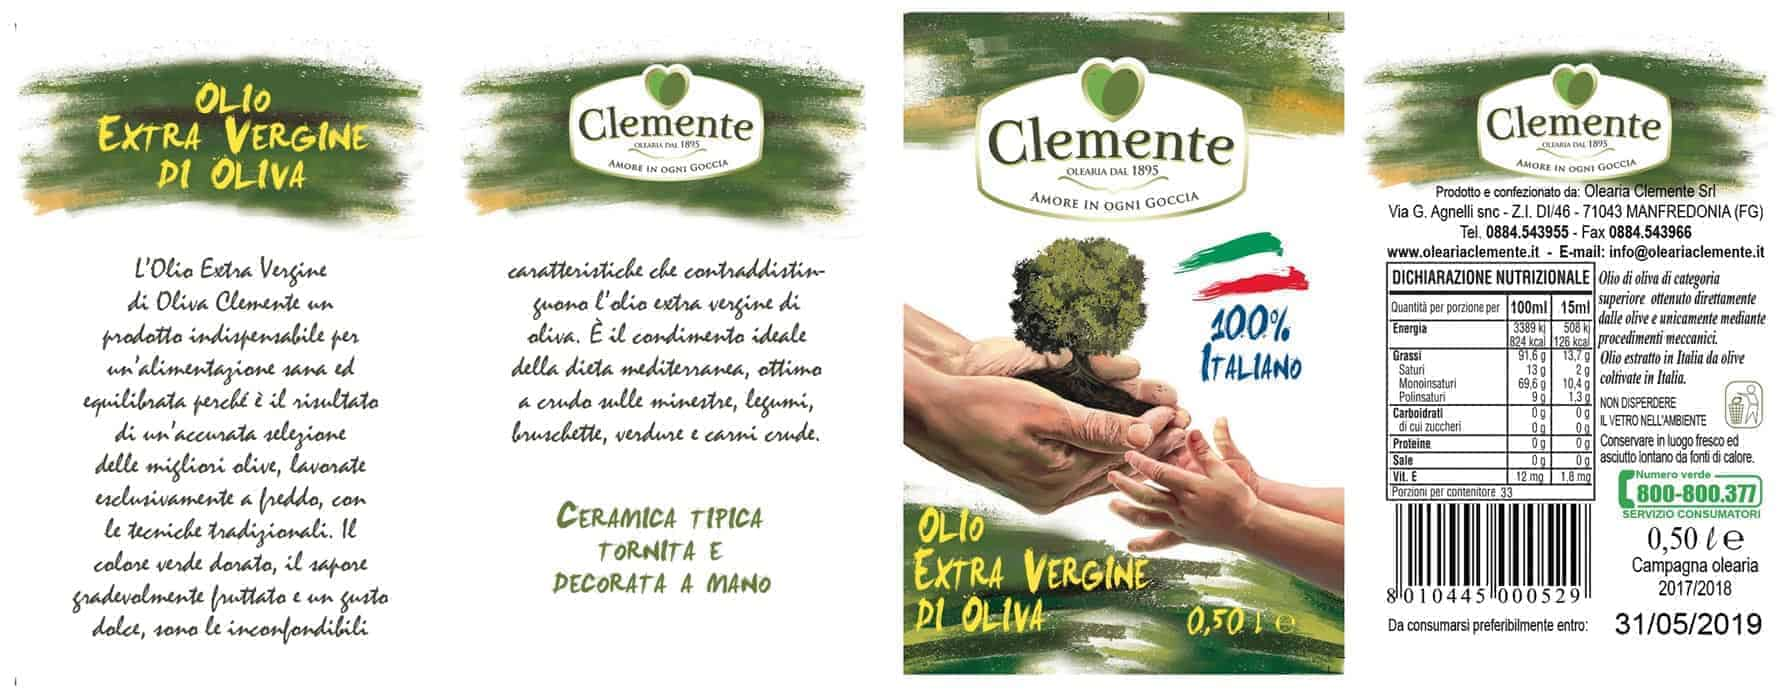 Orciolino Classico Bianco Le Zagare 100% Italiano 500ml - Etichetta